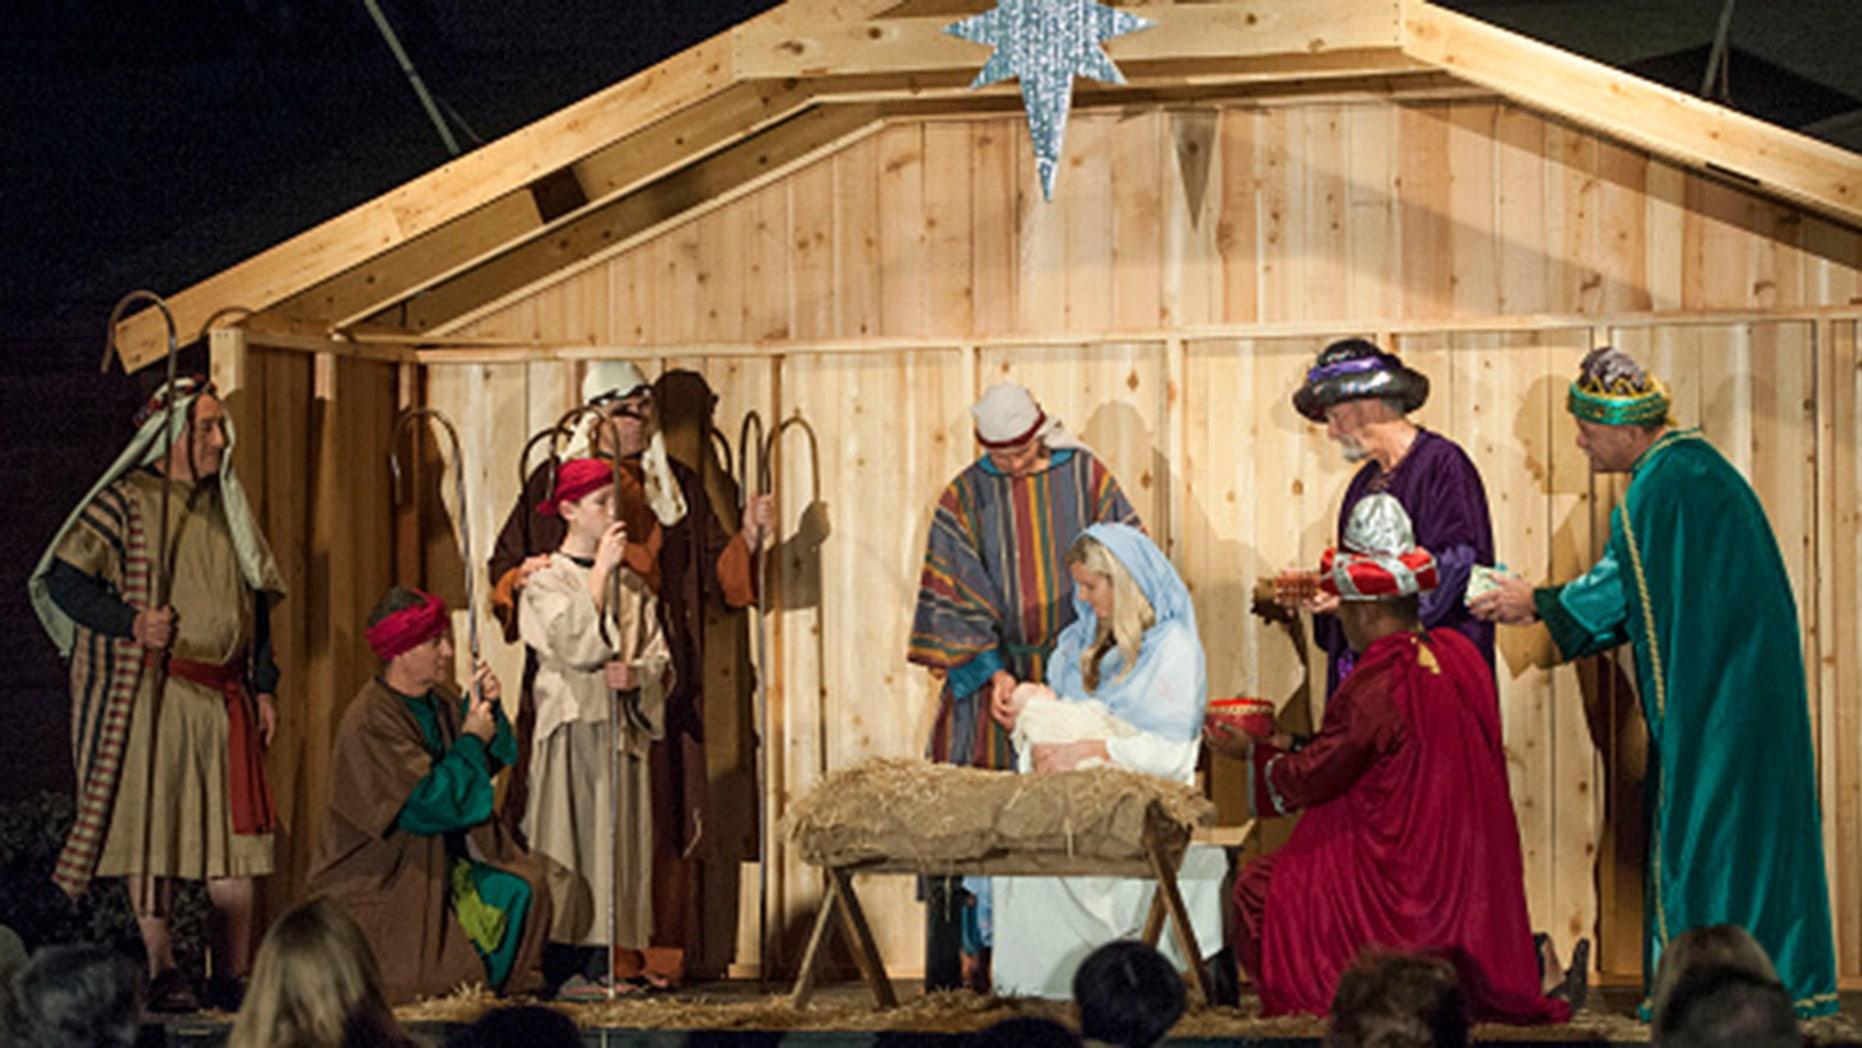 living-mangers-nativity1.jpg?ve=1&tl=1